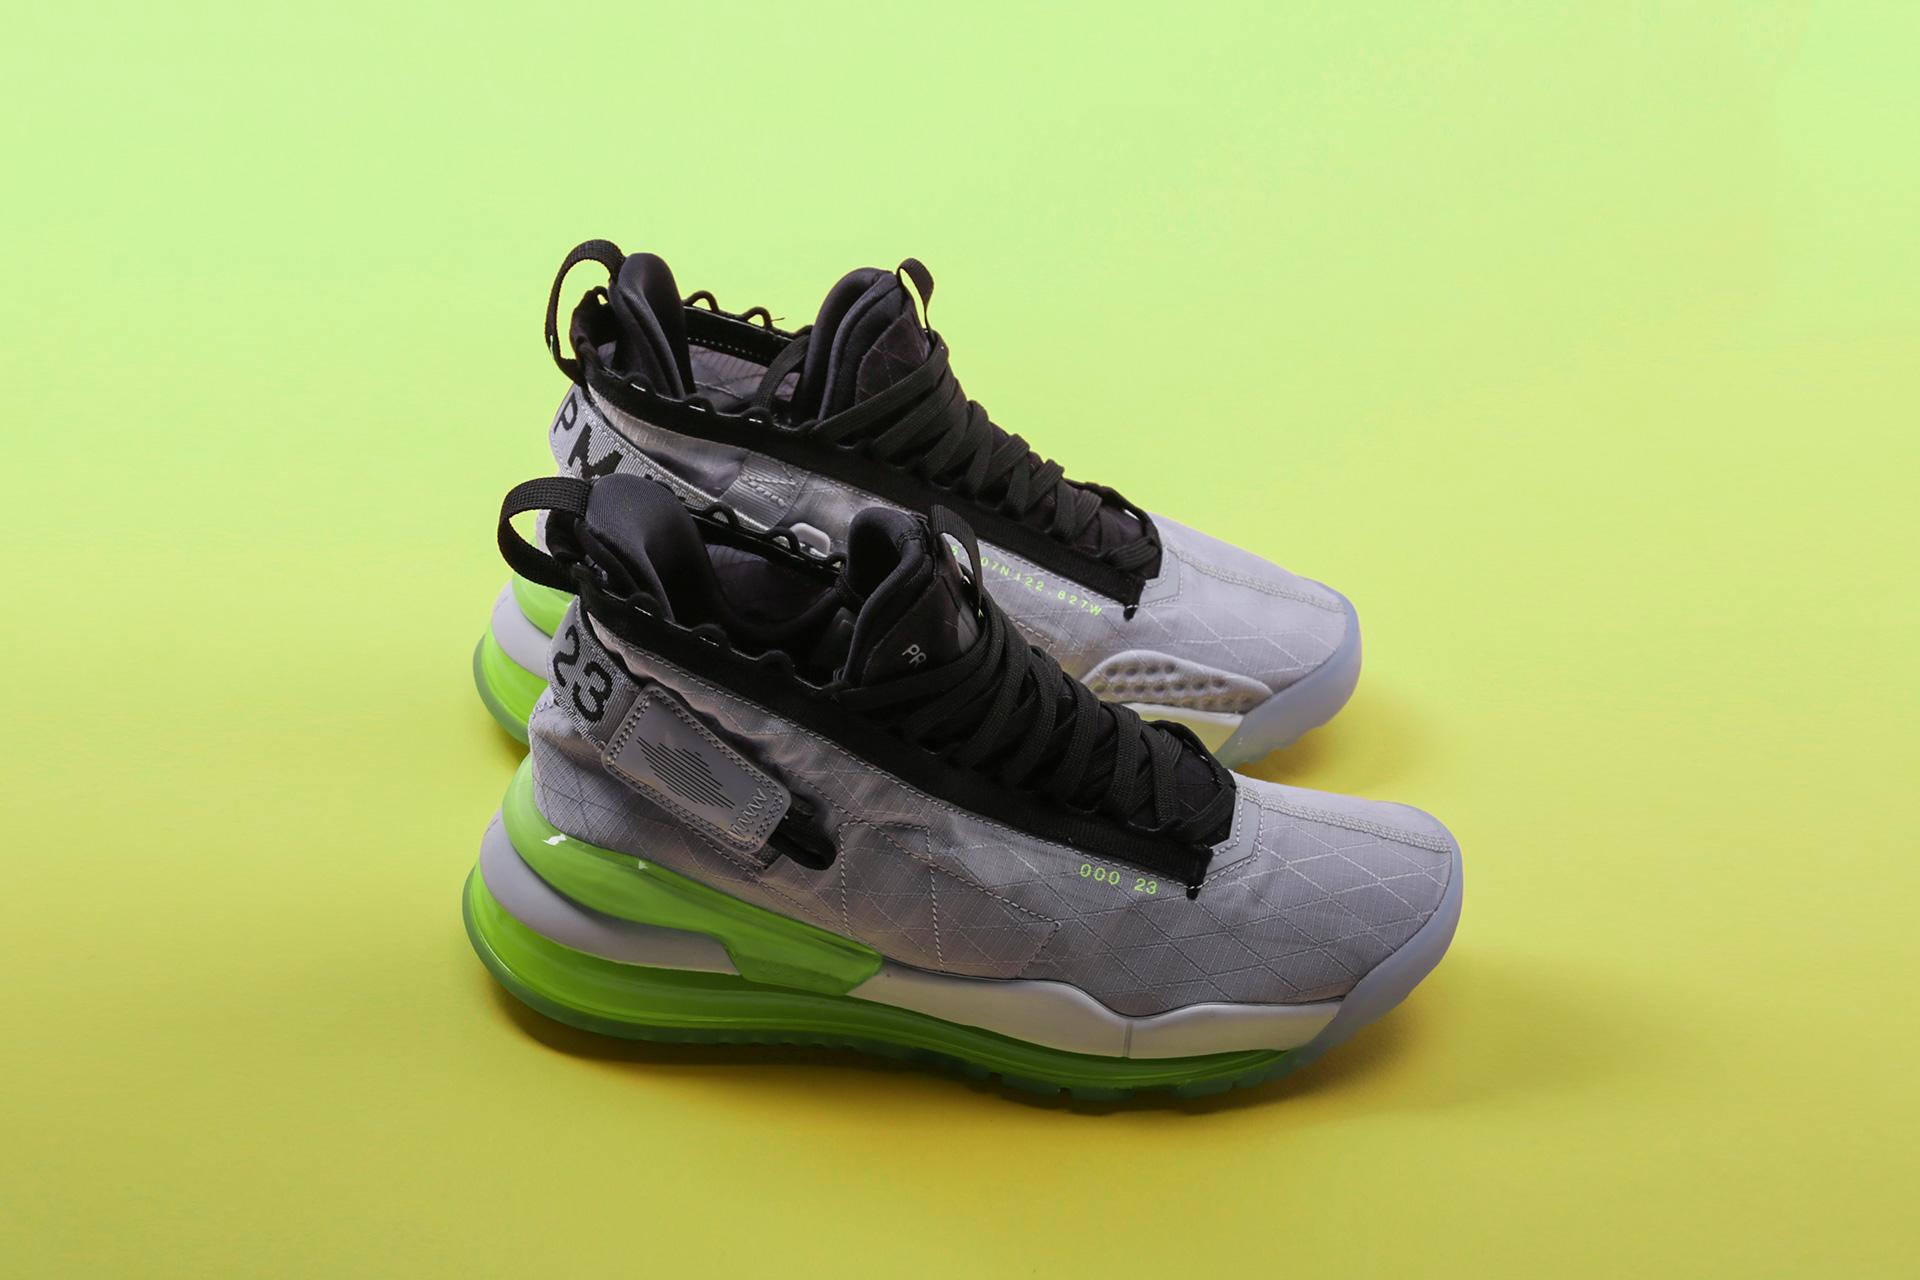 a4bd76bd Кроссовки Jordan (Джордан) купить по цене от 2 250 рублей в интернет  магазине Sneakerhead